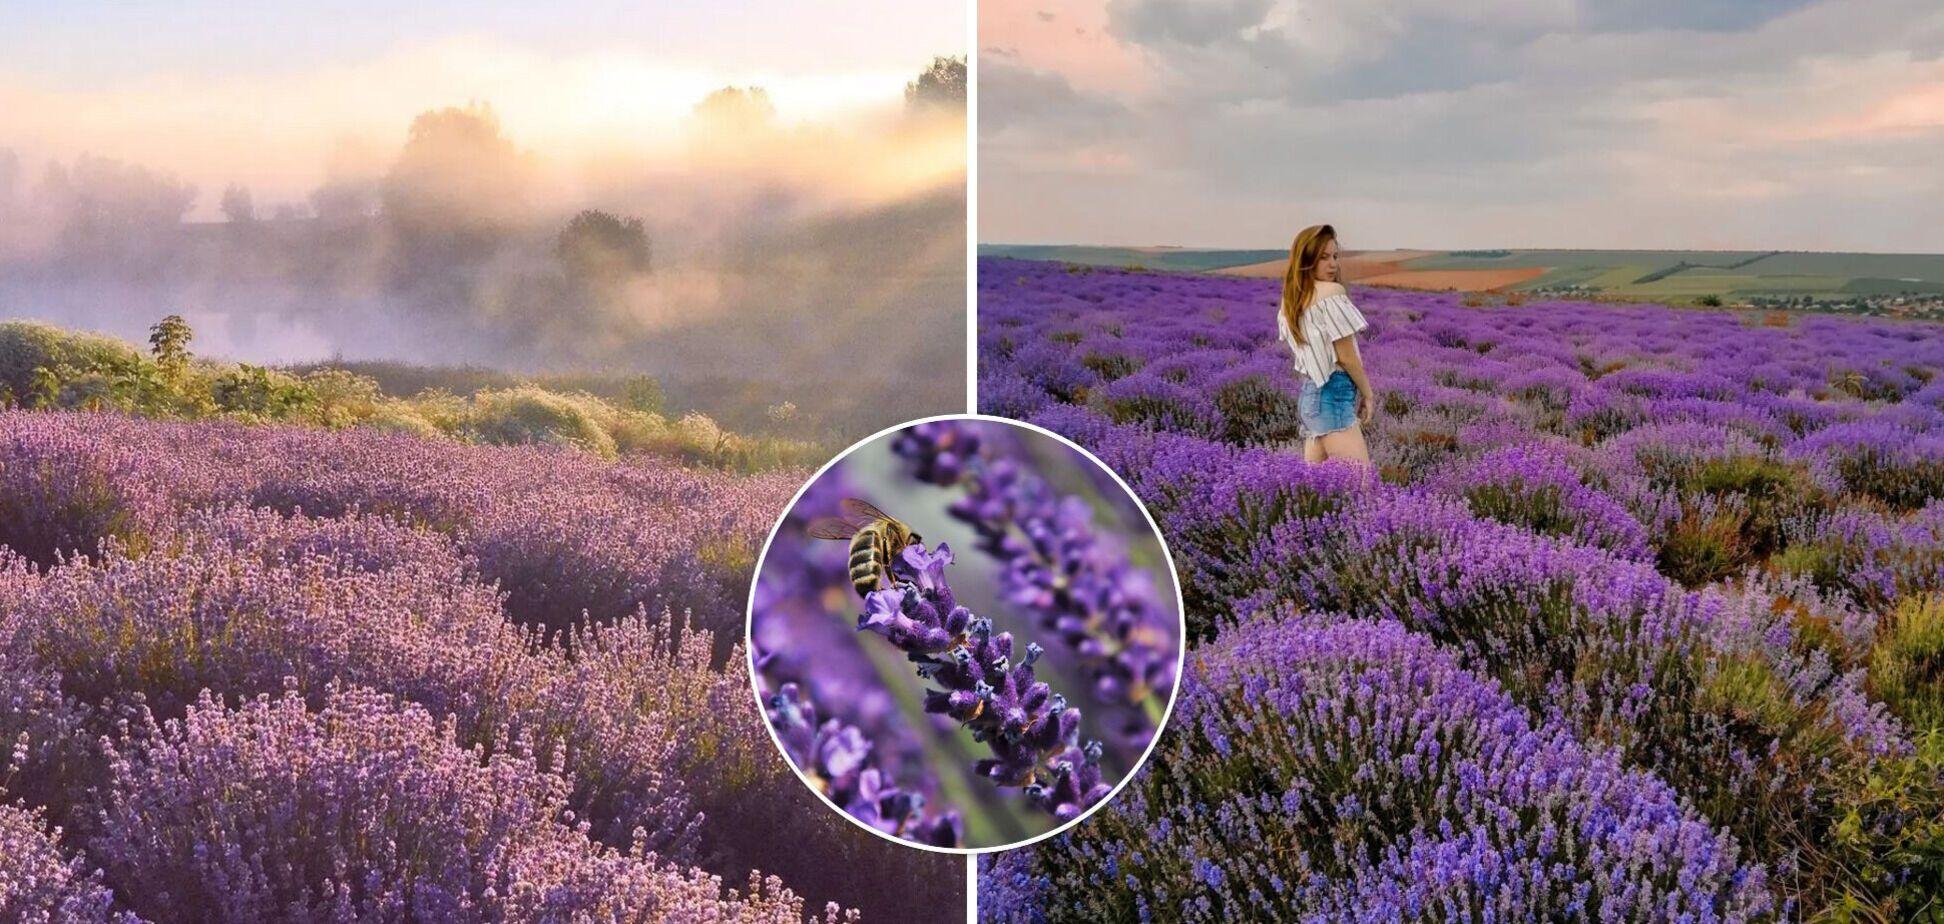 В Украине массово цветут лавандовые поля: где лучшие локации для фотосессий